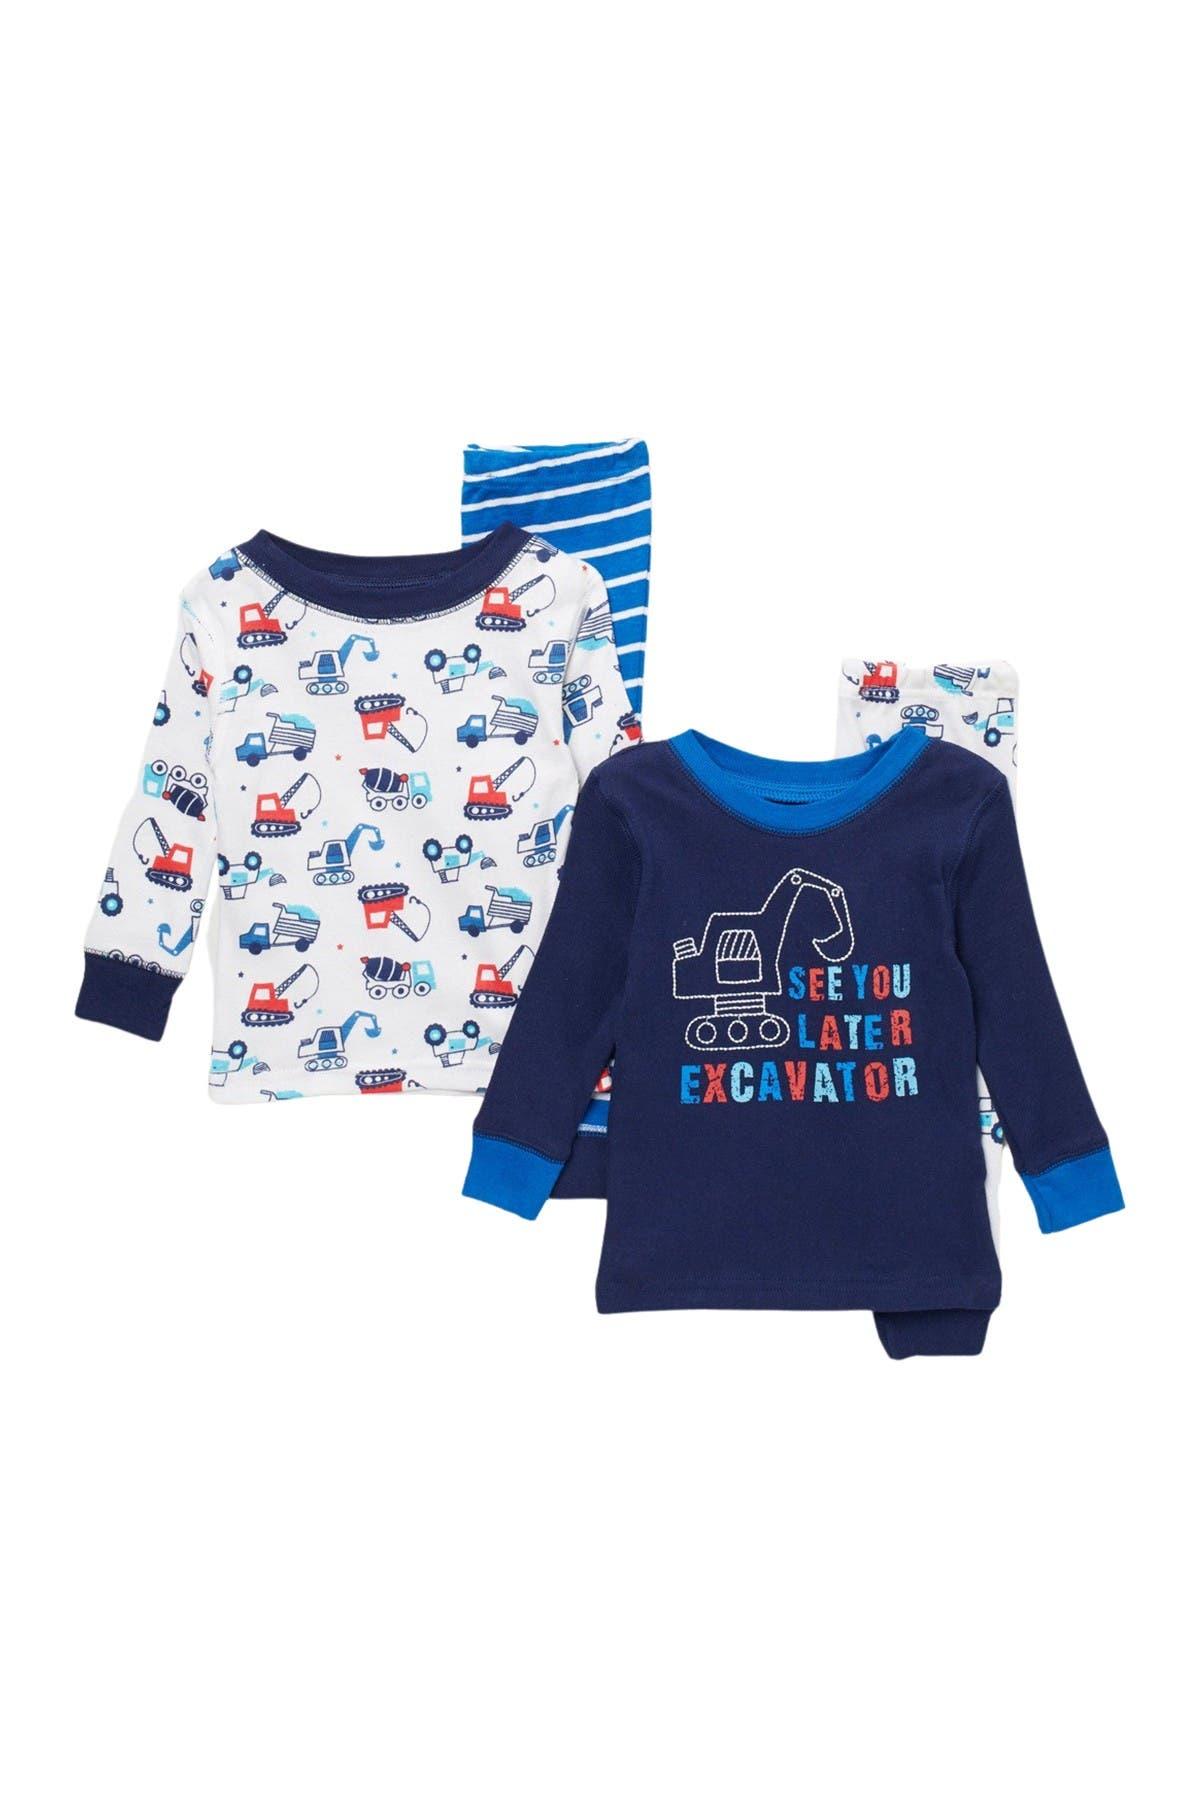 Image of koala baby Printed Pajamas - 4-Piece Set